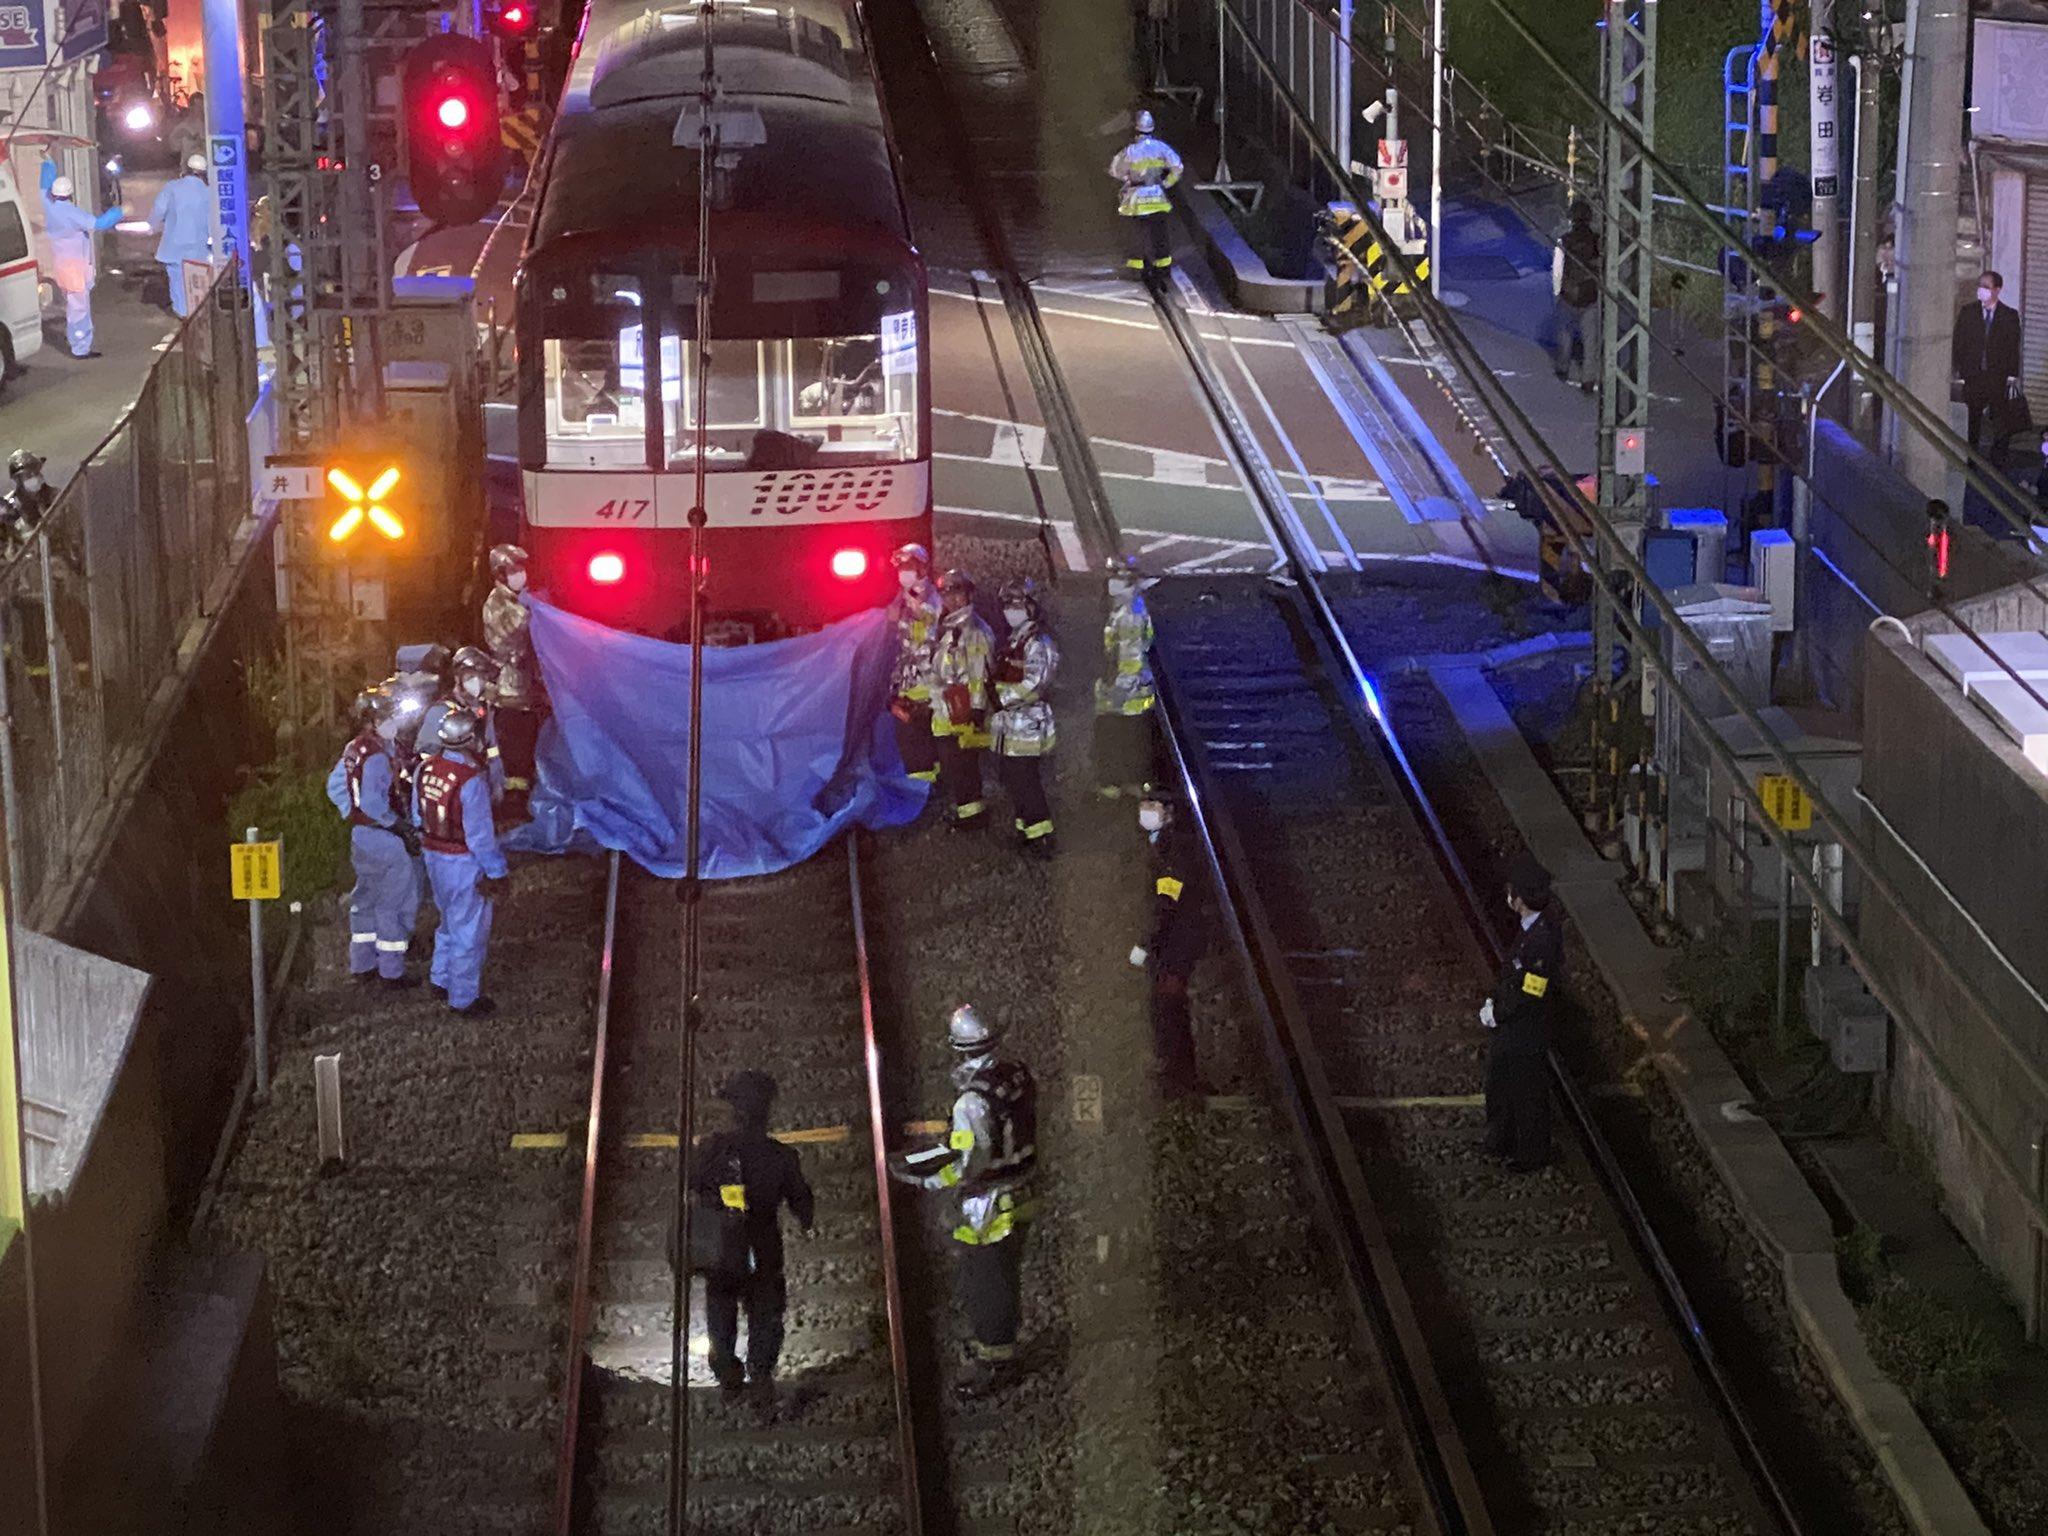 京急本線の弘明寺駅で人身事故が起きた現場の画像